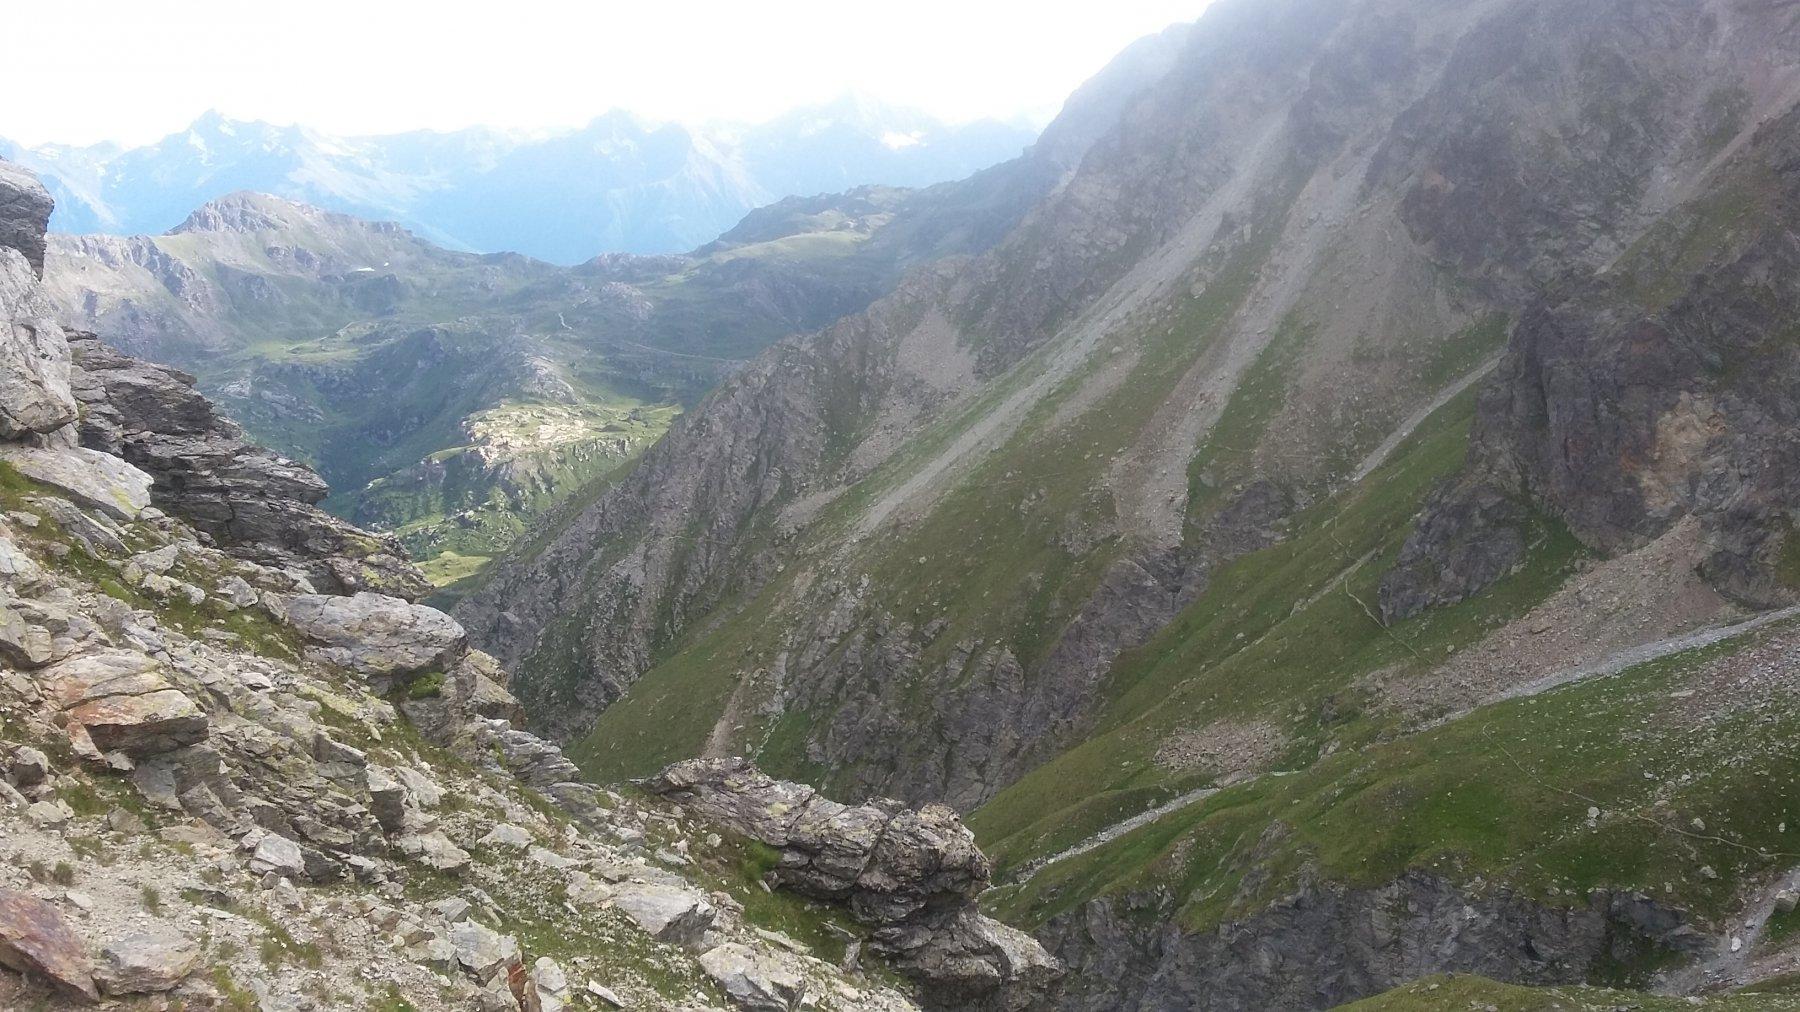 Da col Terray, il tracciato del sentiero alto verso Cuney. In fondo col du Salvè.